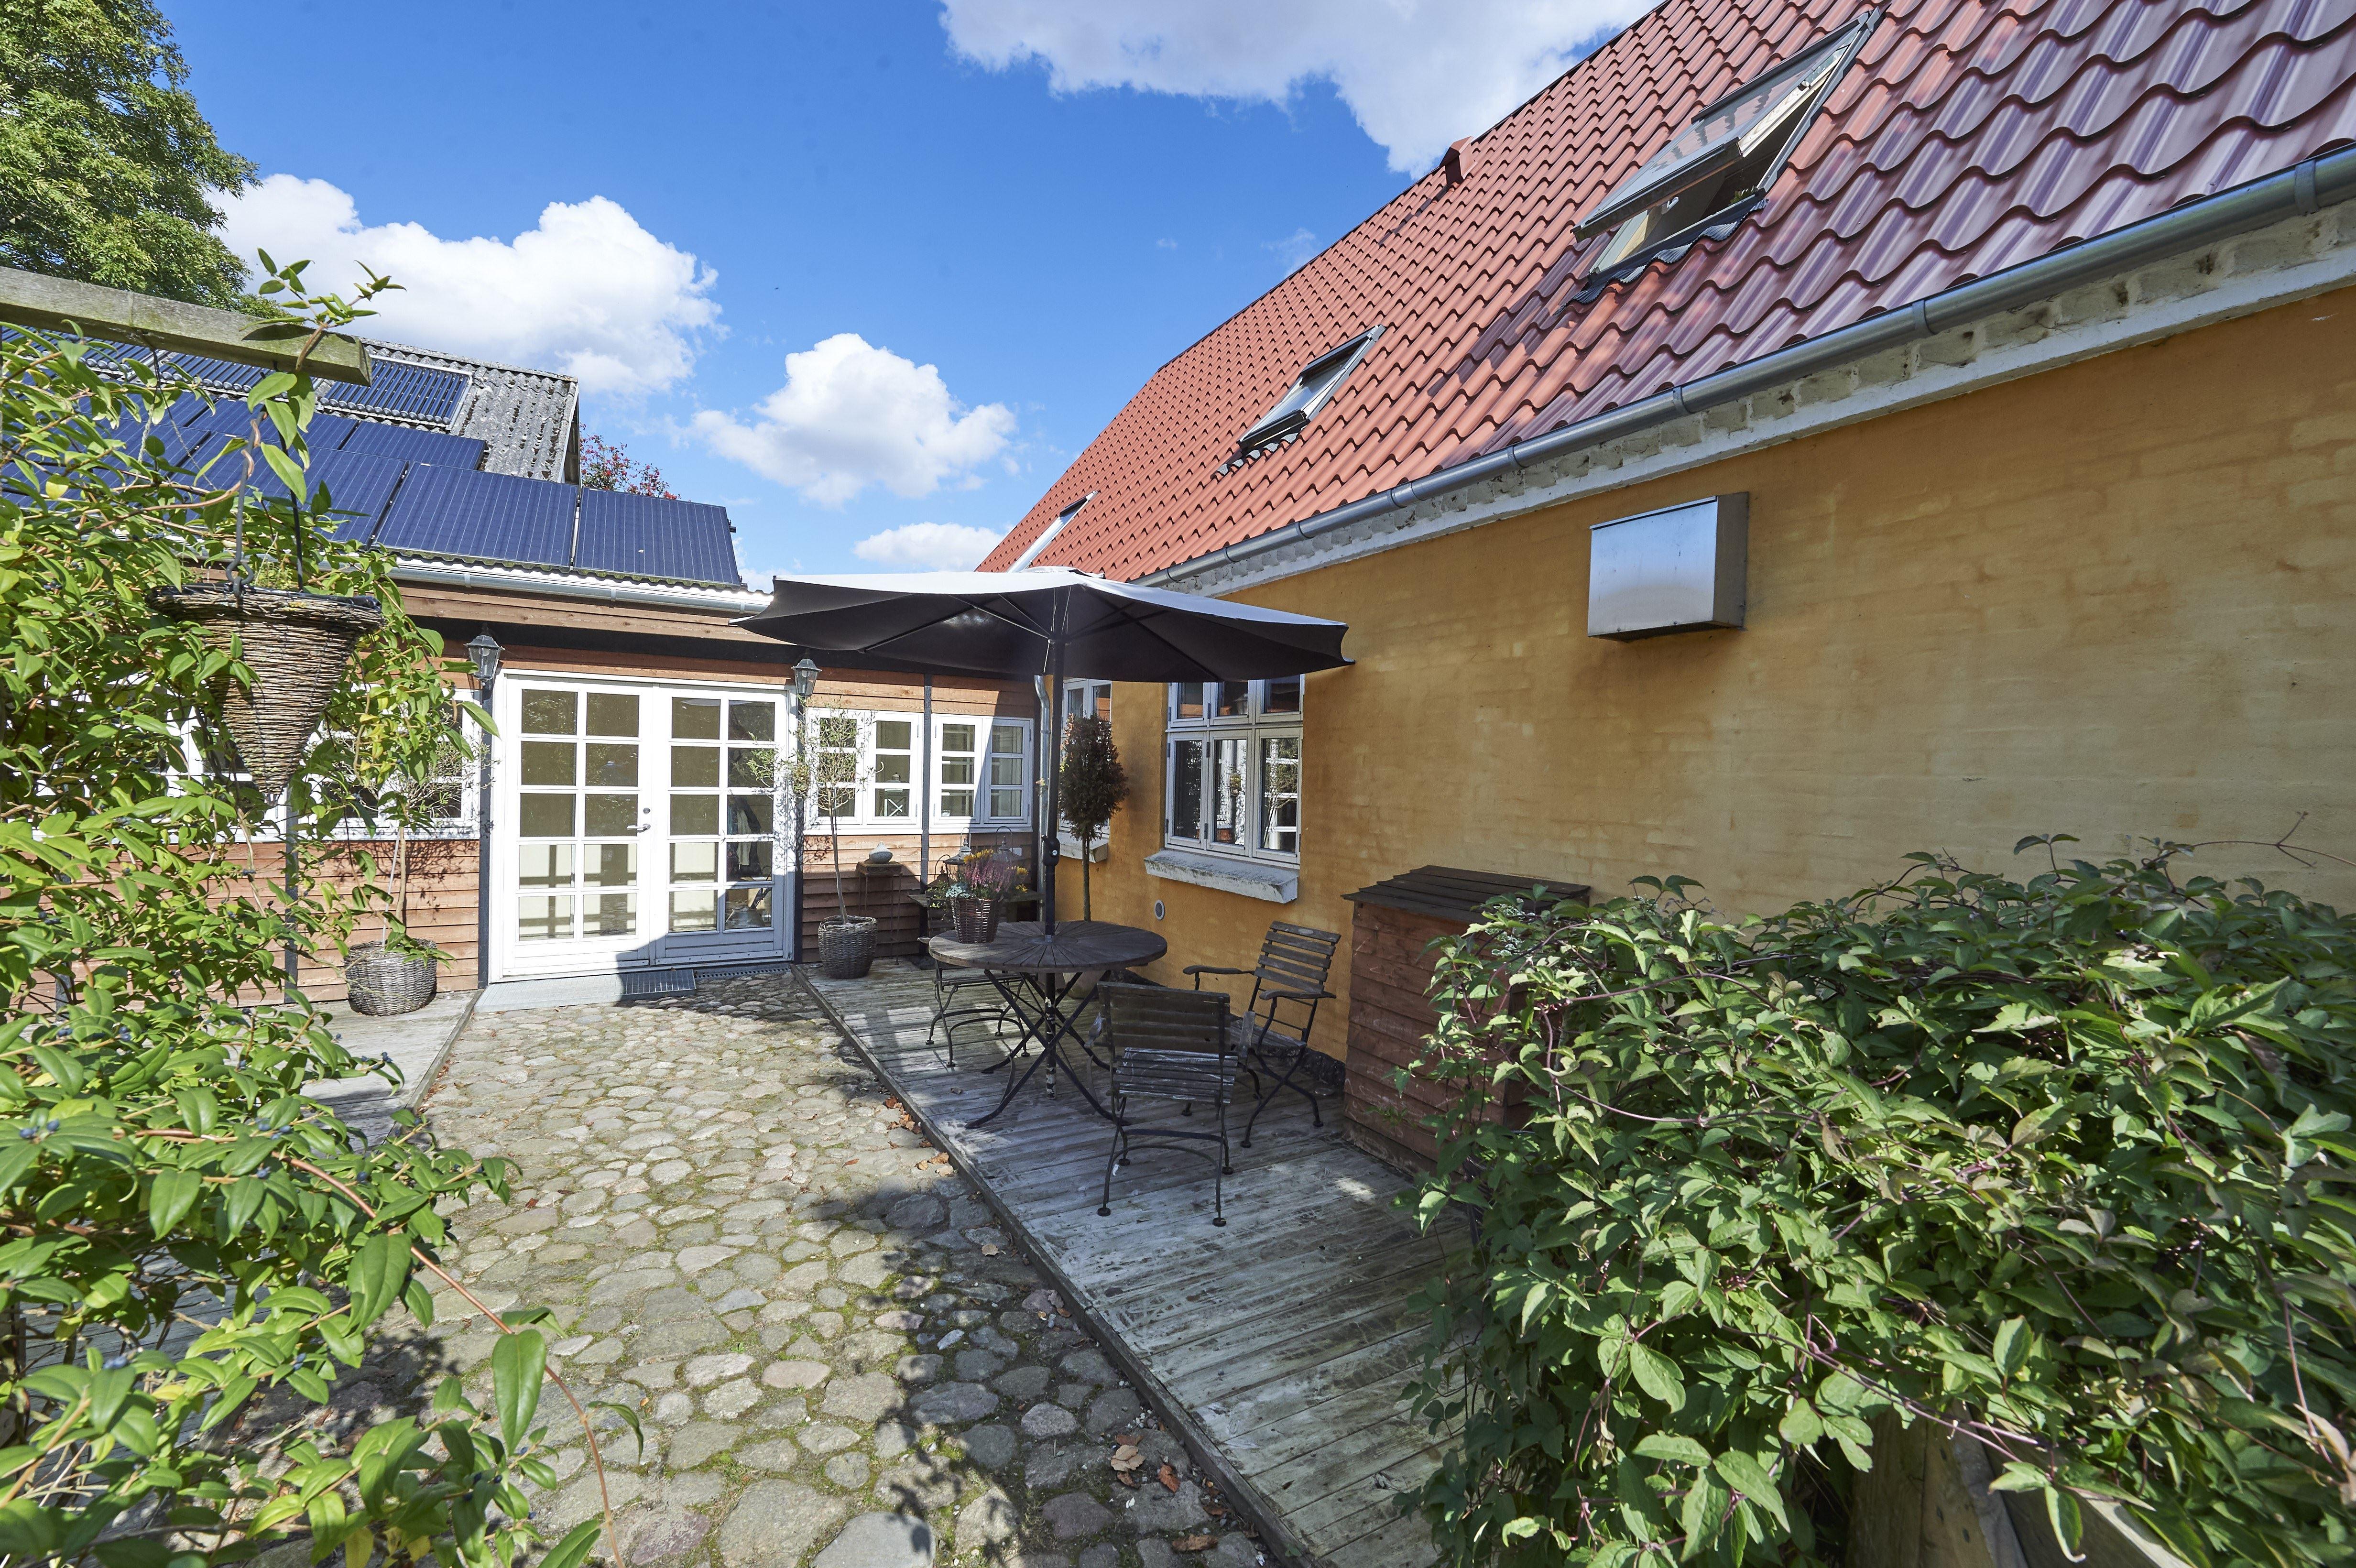 Regissevej 14, 5853 Ørbæk